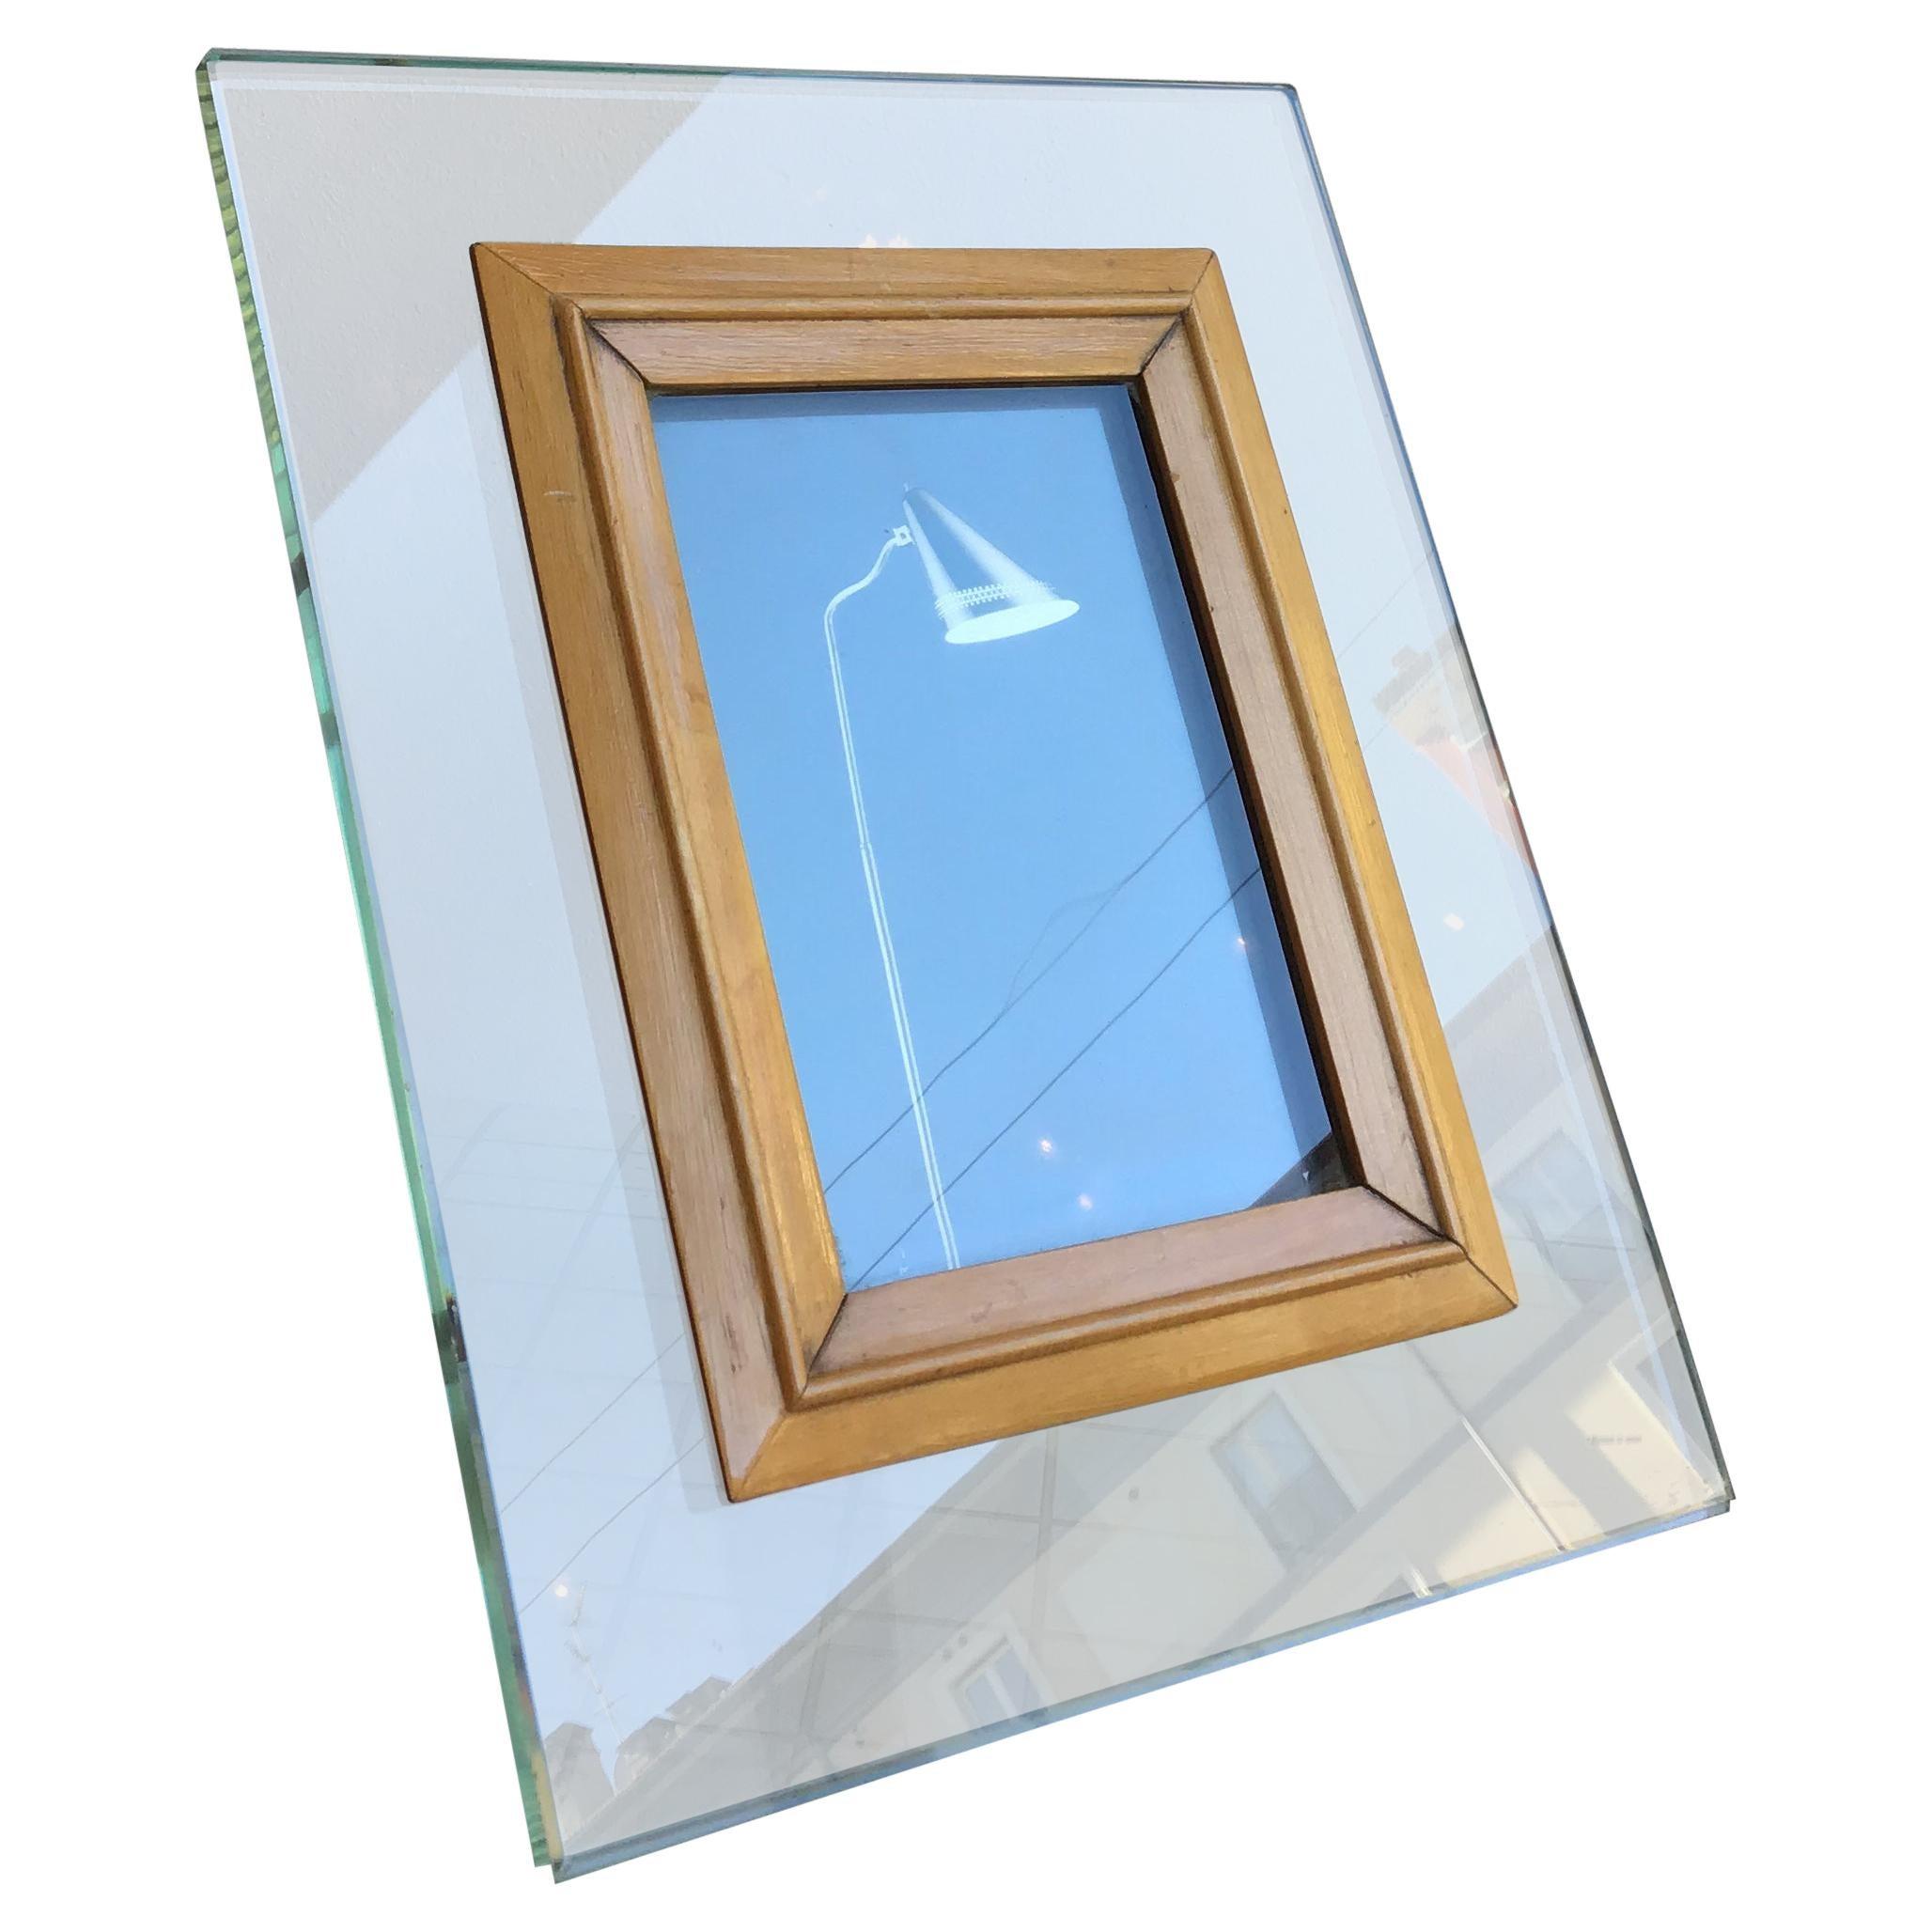 Fontana Arte Frame Glass Wood, 1950, Italy